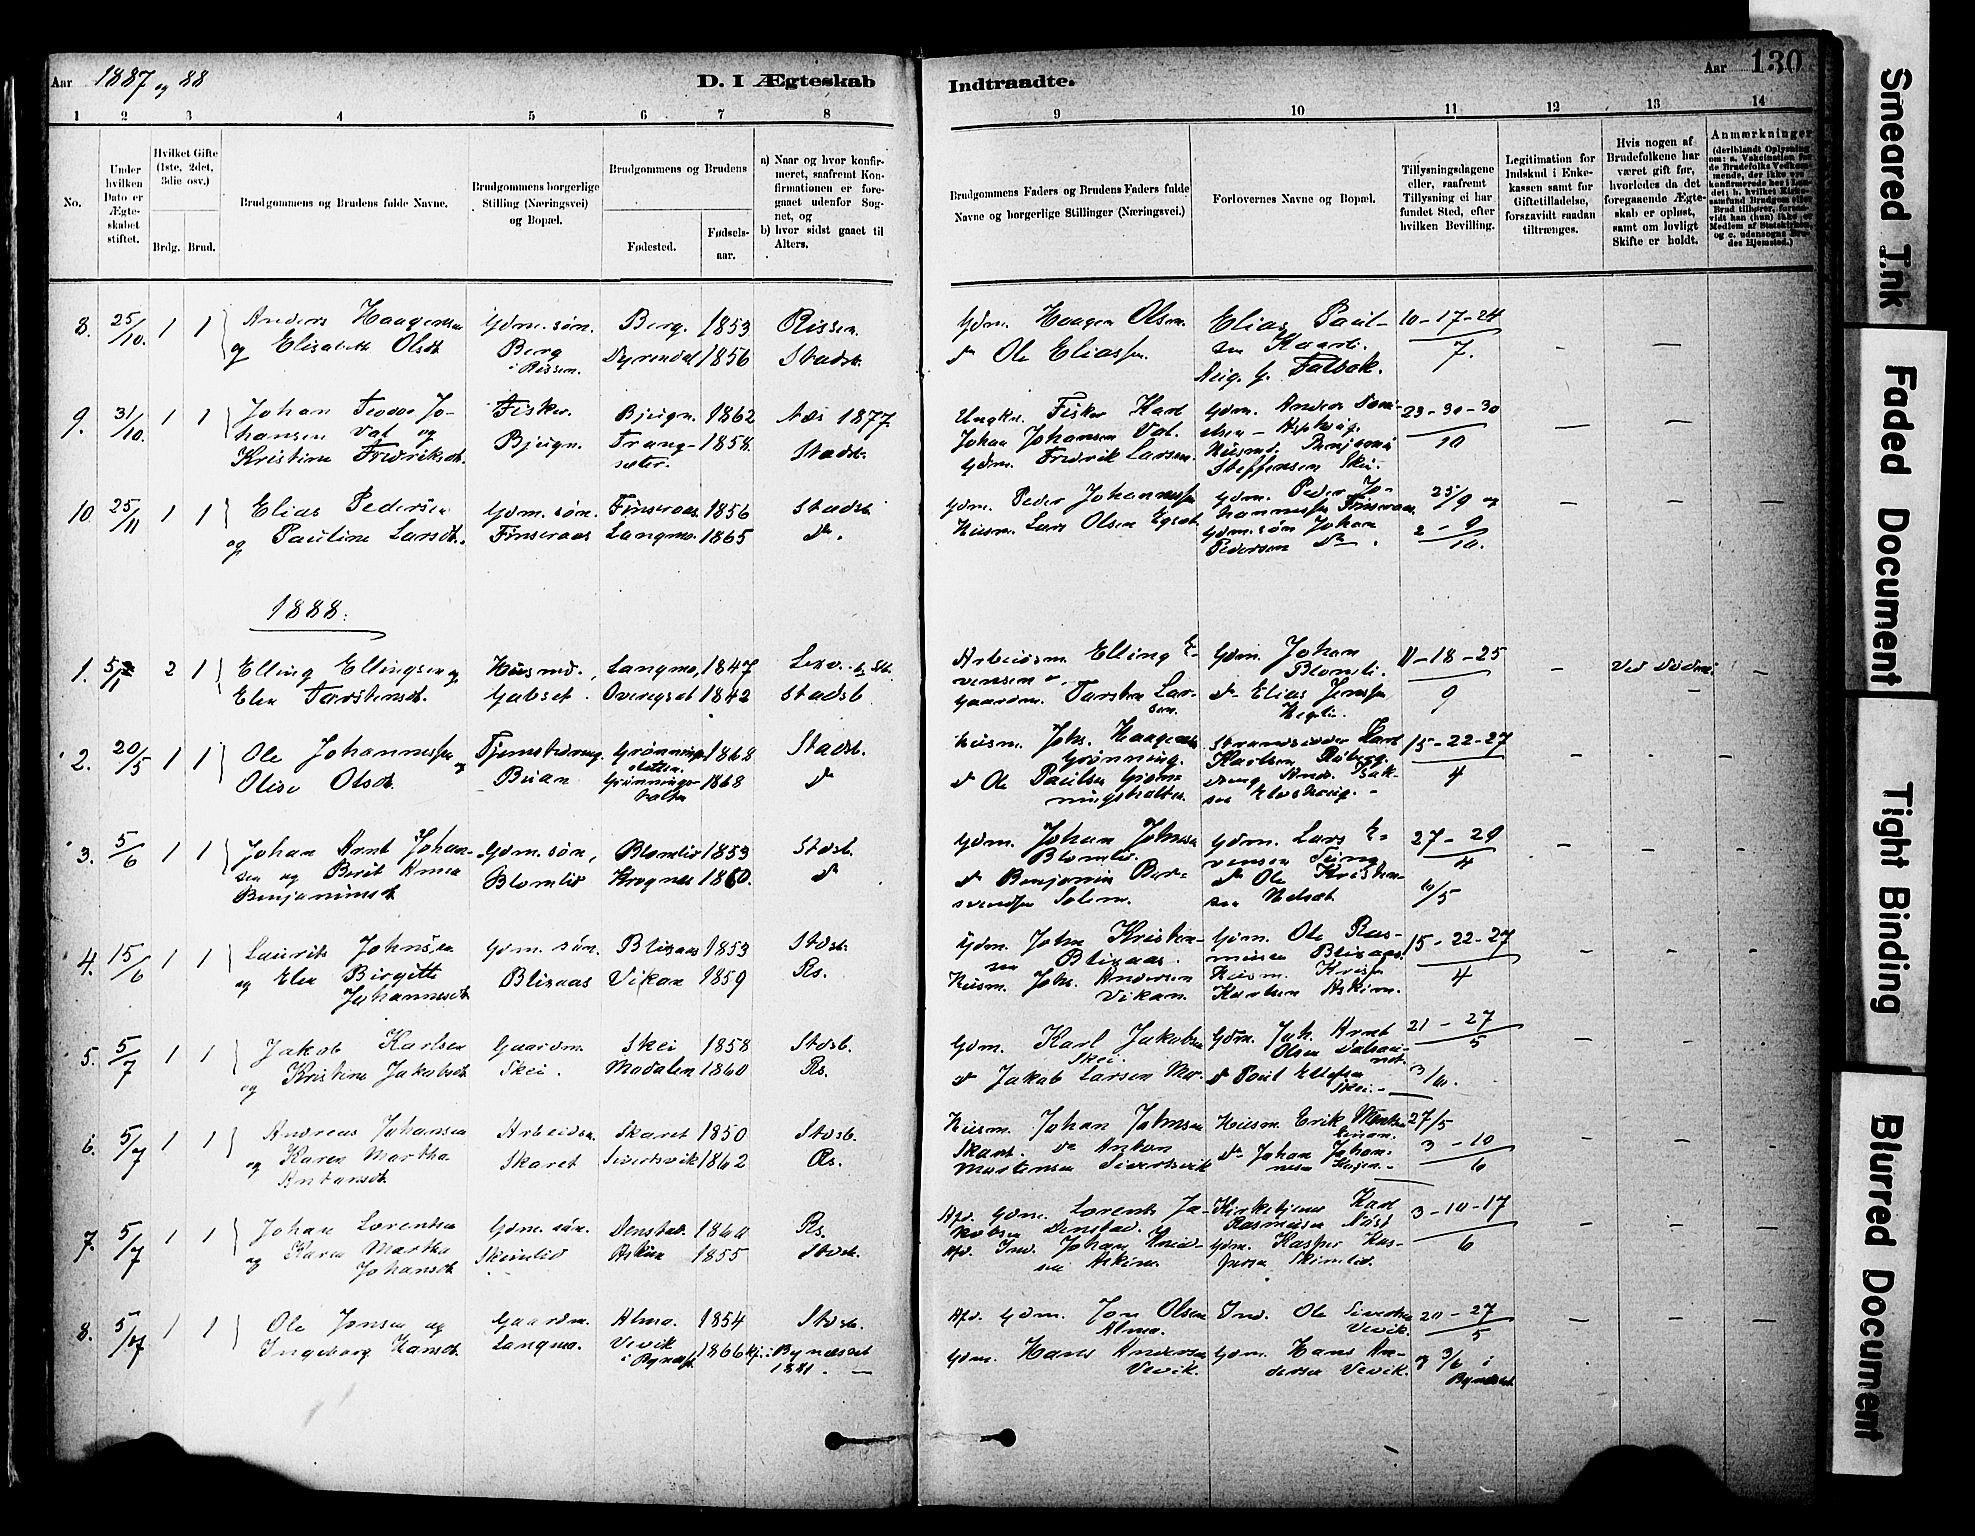 SAT, Ministerialprotokoller, klokkerbøker og fødselsregistre - Sør-Trøndelag, 646/L0615: Ministerialbok nr. 646A13, 1885-1900, s. 130